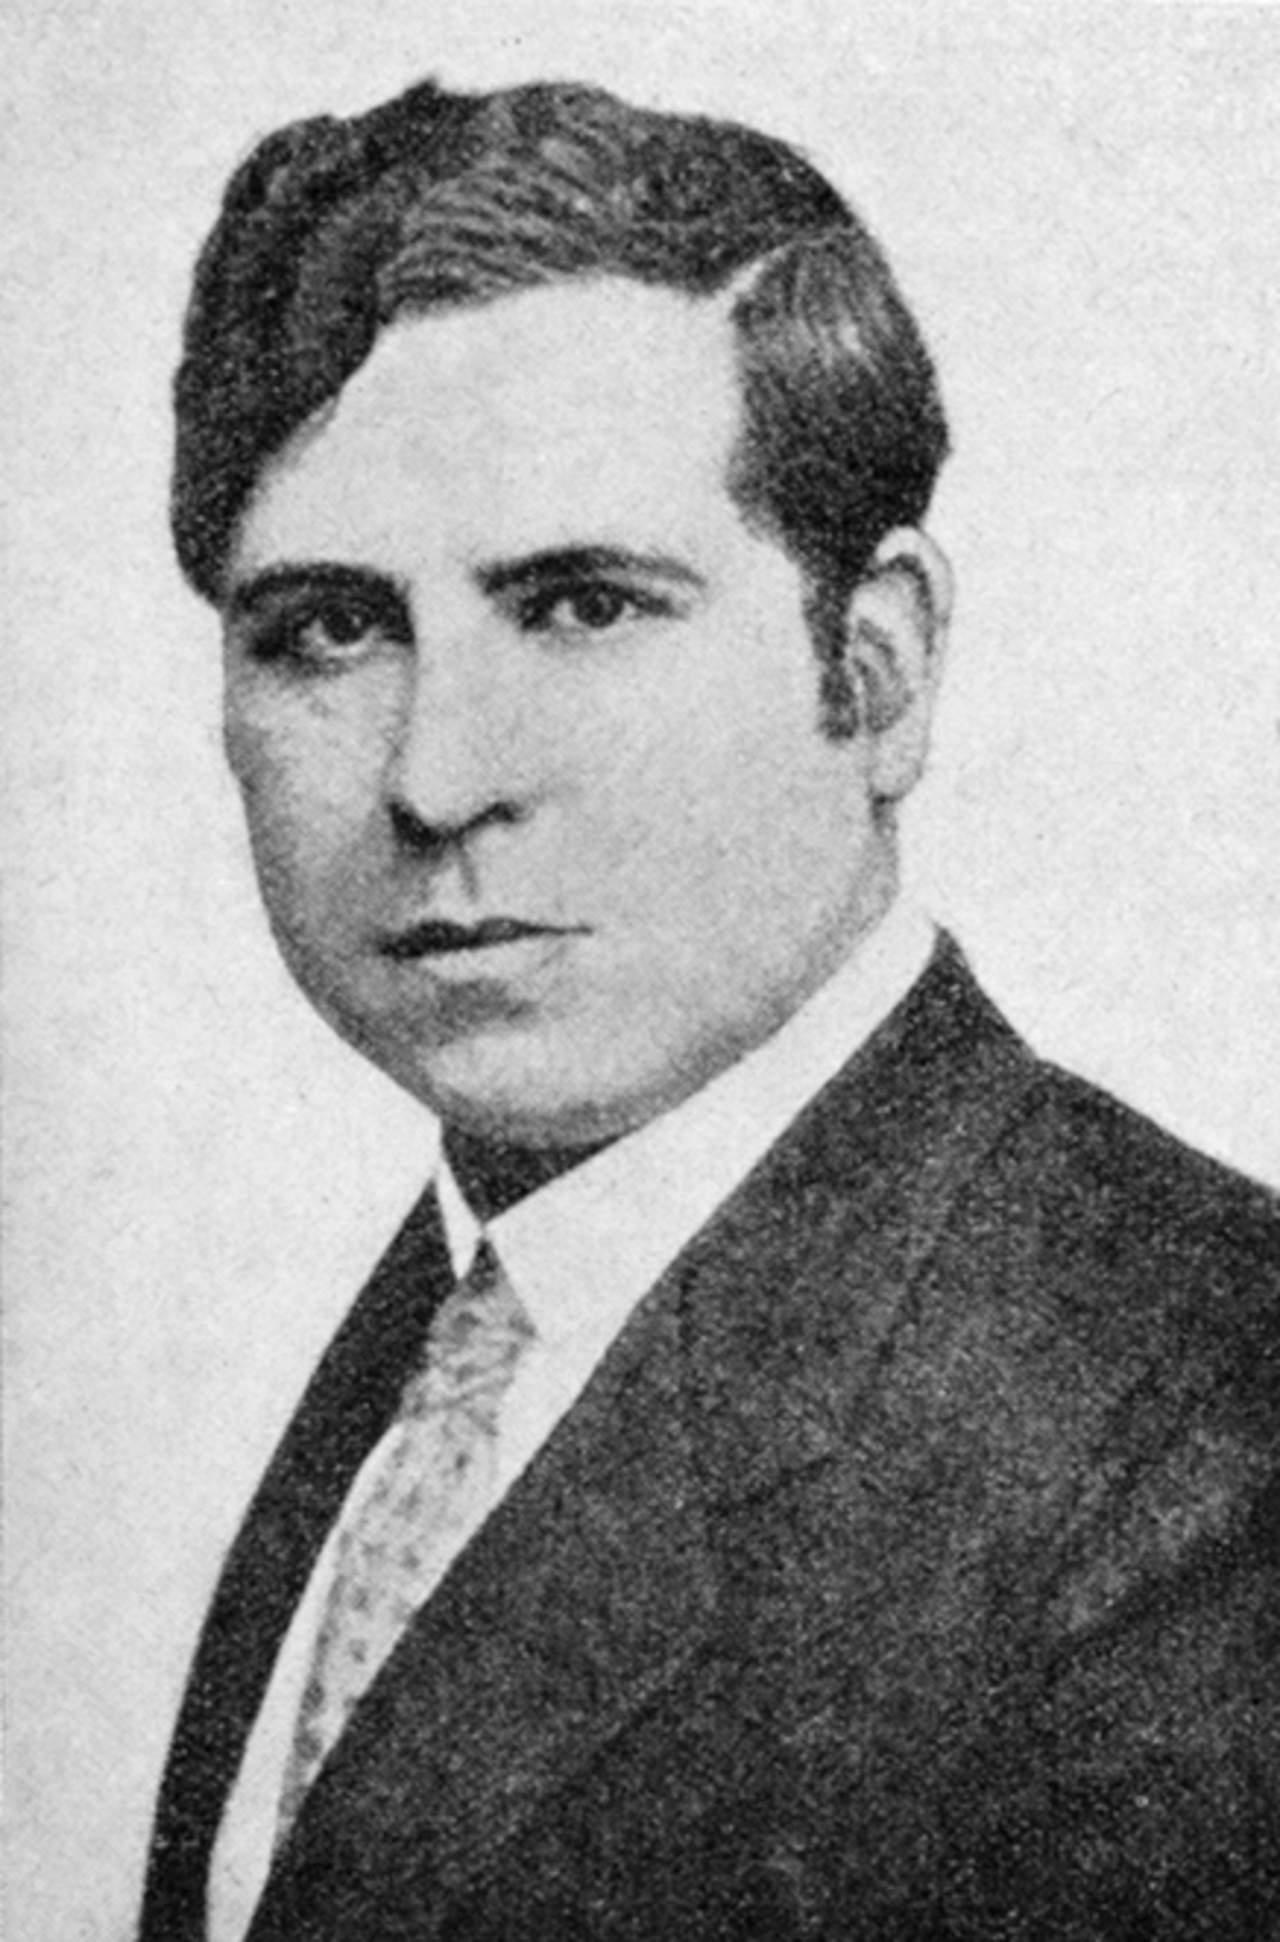 1963: Fallece Ramón Gómez de la Serna, crítico e innovador periodista y escritor español